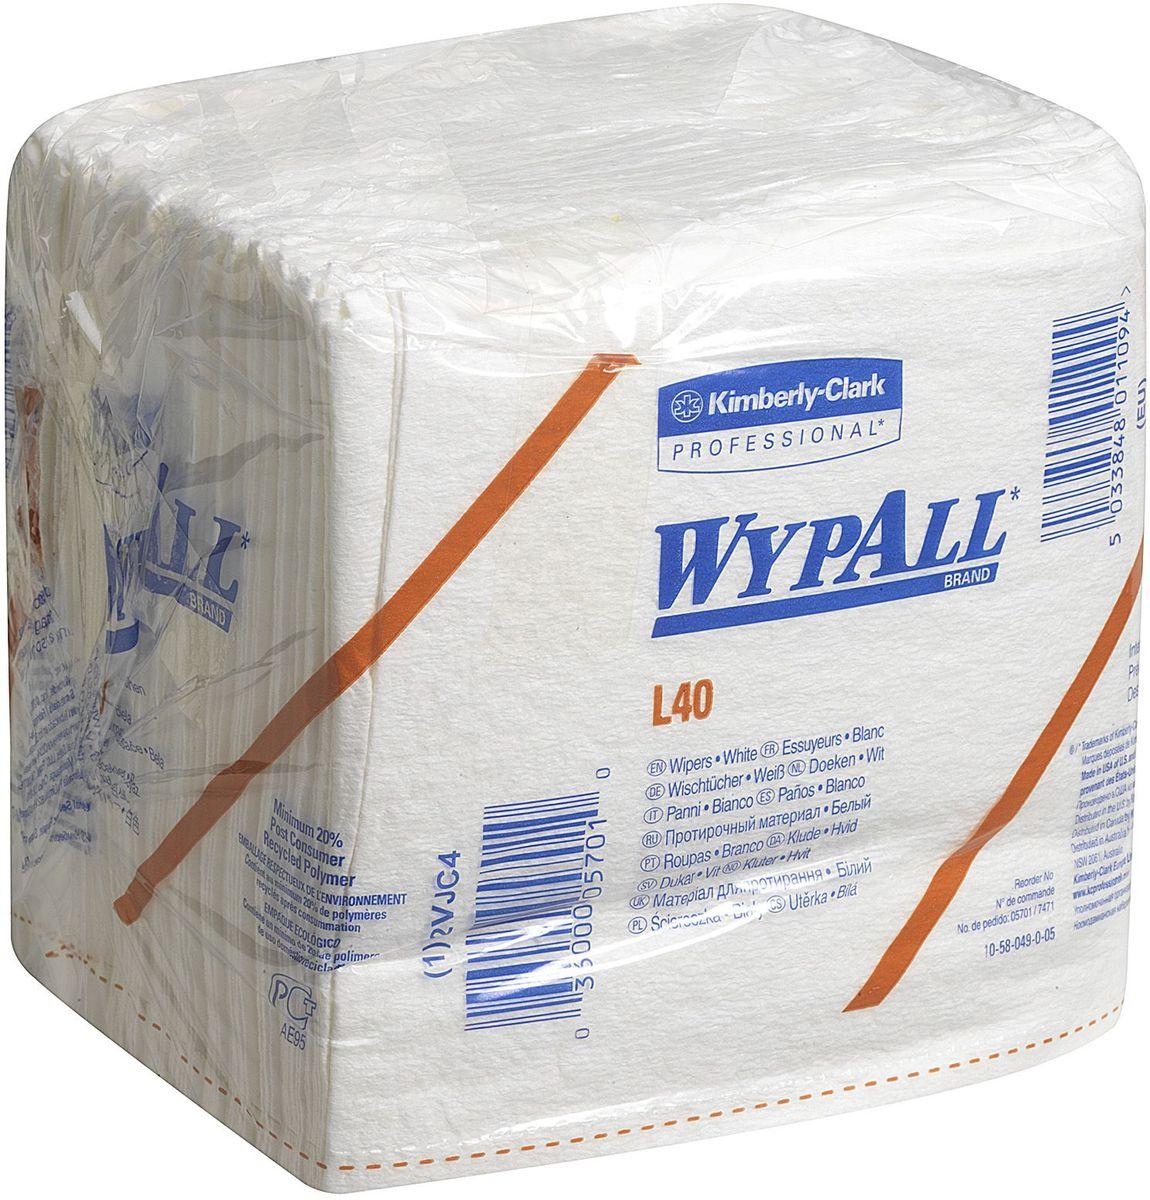 Салфетки бумажные Wypall L40, 56 шт. 74717471Бумажные салфетки Wypall L40, произведенные при помощи технологии AIRFLEX®, обладают отличной впитывающей способностью, долговечностью и прочностью, как в сухом, так и во влажном состоянии. Подходят для работы по очистки технологических линий, быстрого устранения крупных разливов масла, смазки, протирки рук и лица пациентов в медицинских учреждениях, а также помогают предотвратить распространение бактерий. Салфетки Wypall L40 могут использоваться с переносными или стационарными диспенсерами для контроля расхода продукта и уменьшения объема отходов.Количество: 18 упаковок по 56 салфеток.